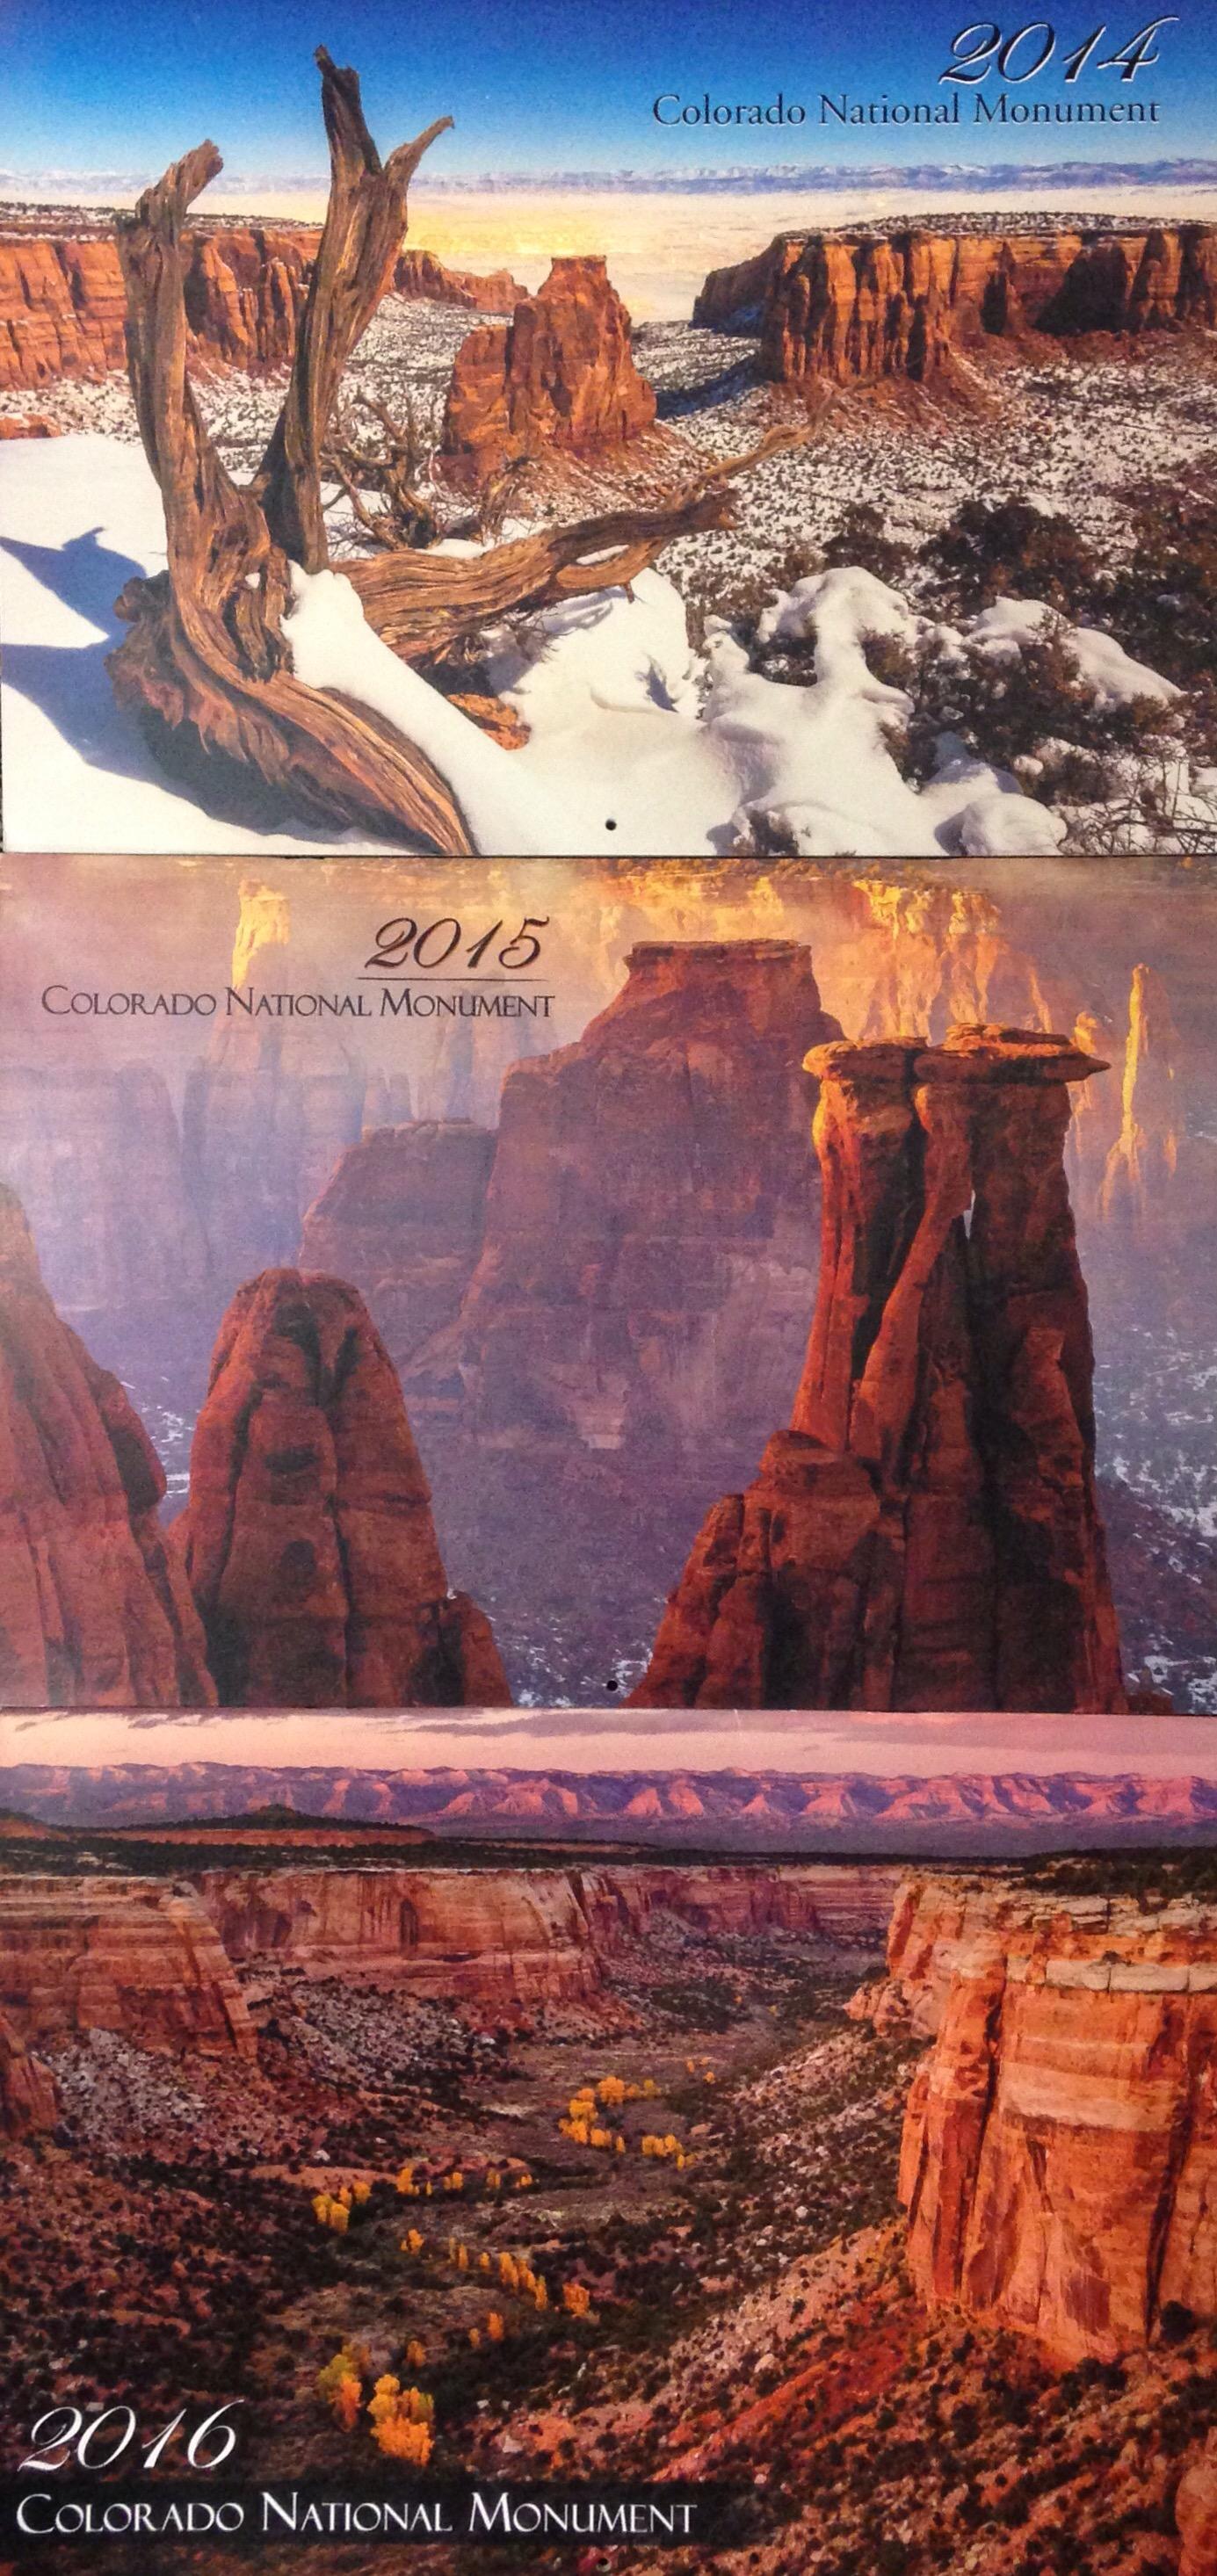 Colorado National Monument Calendars